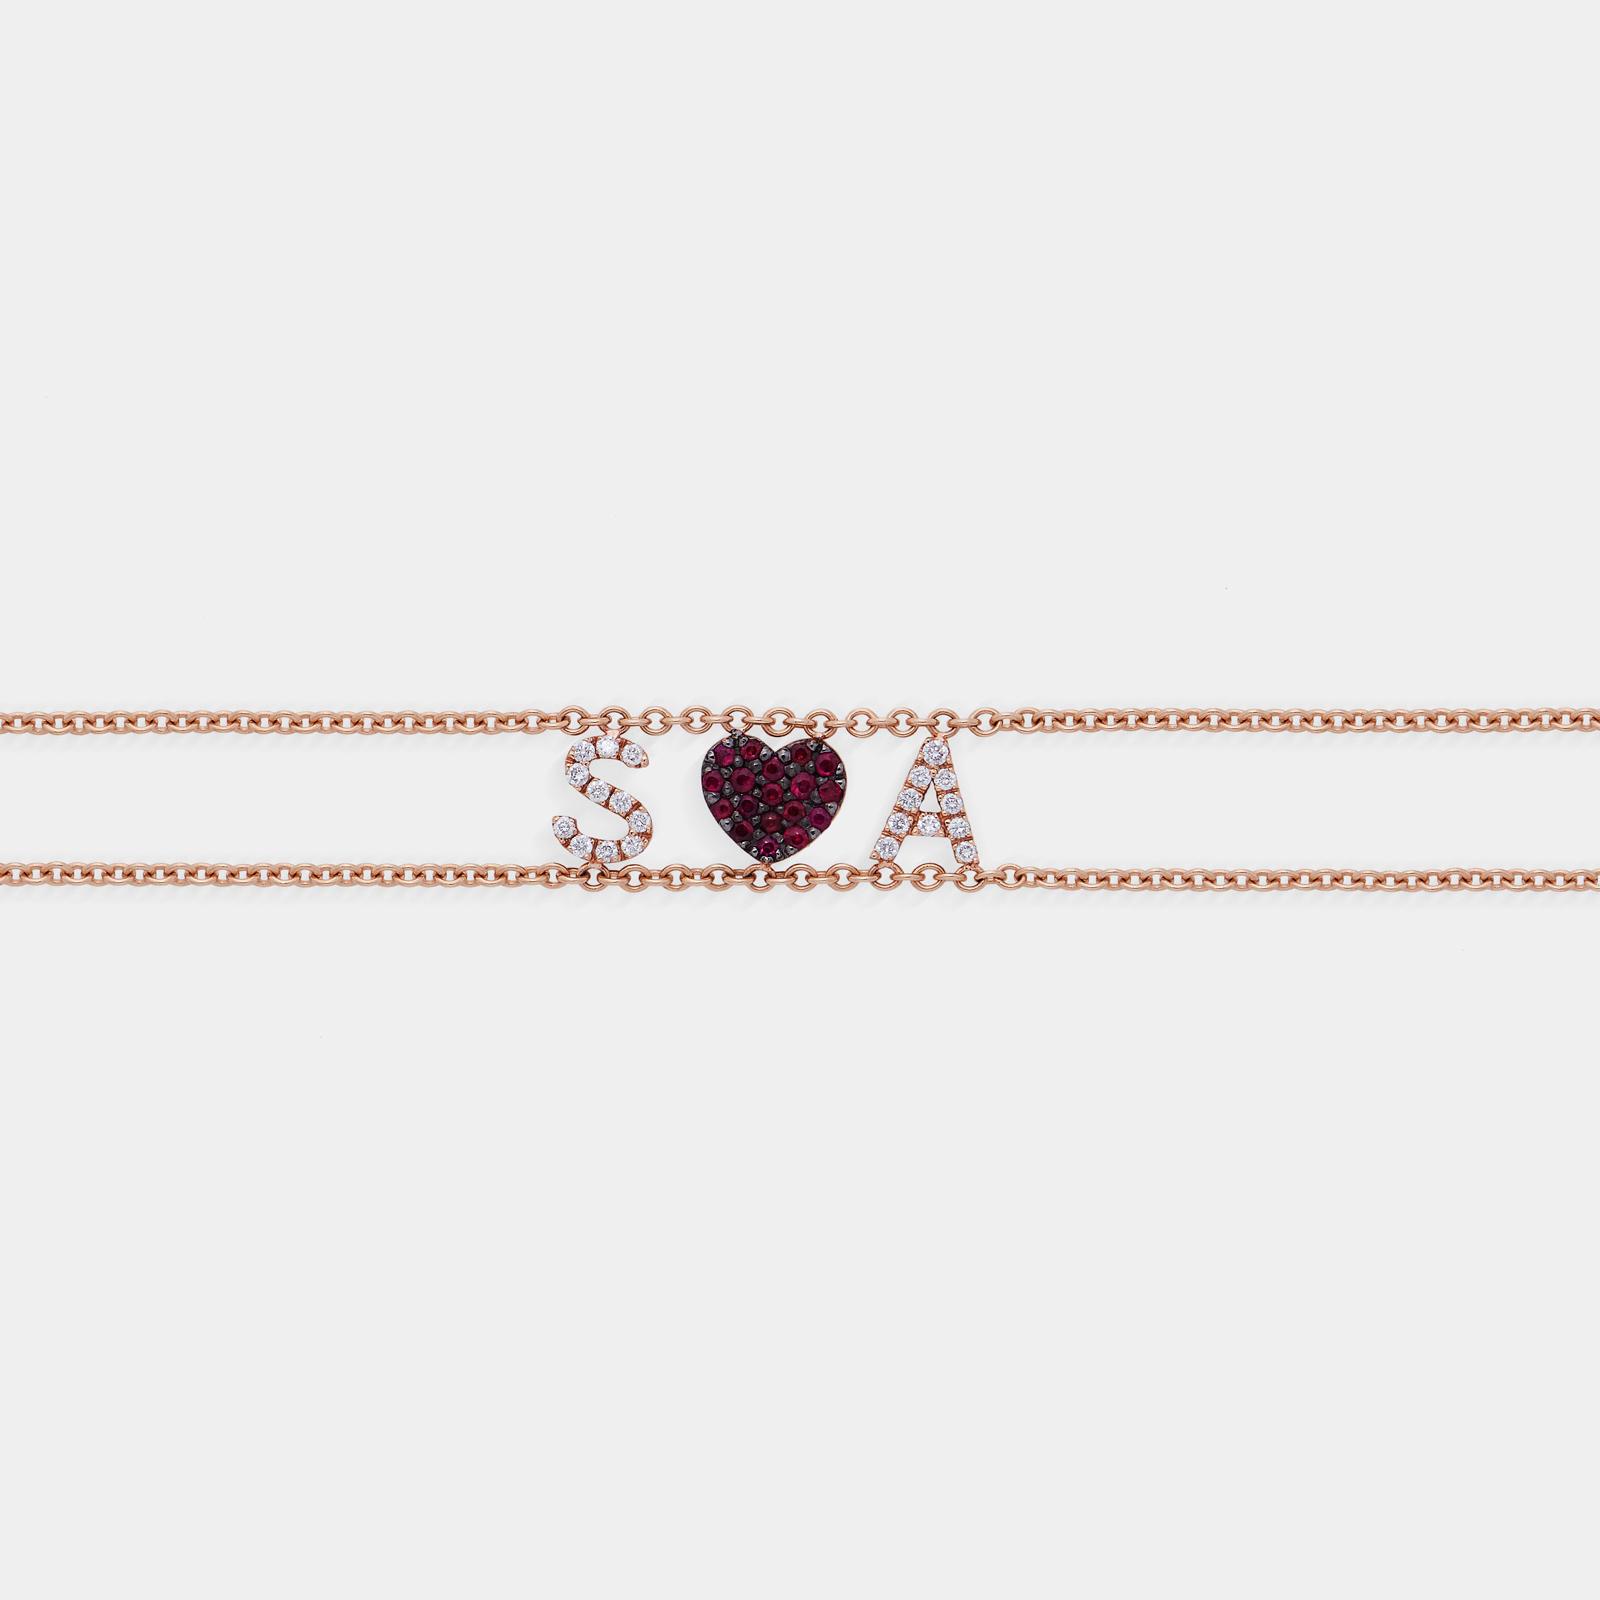 Bracciale morbido con doppia catena personalizzato in oro rosa diamanti e rubini - Rosanna Cattolico gioielli